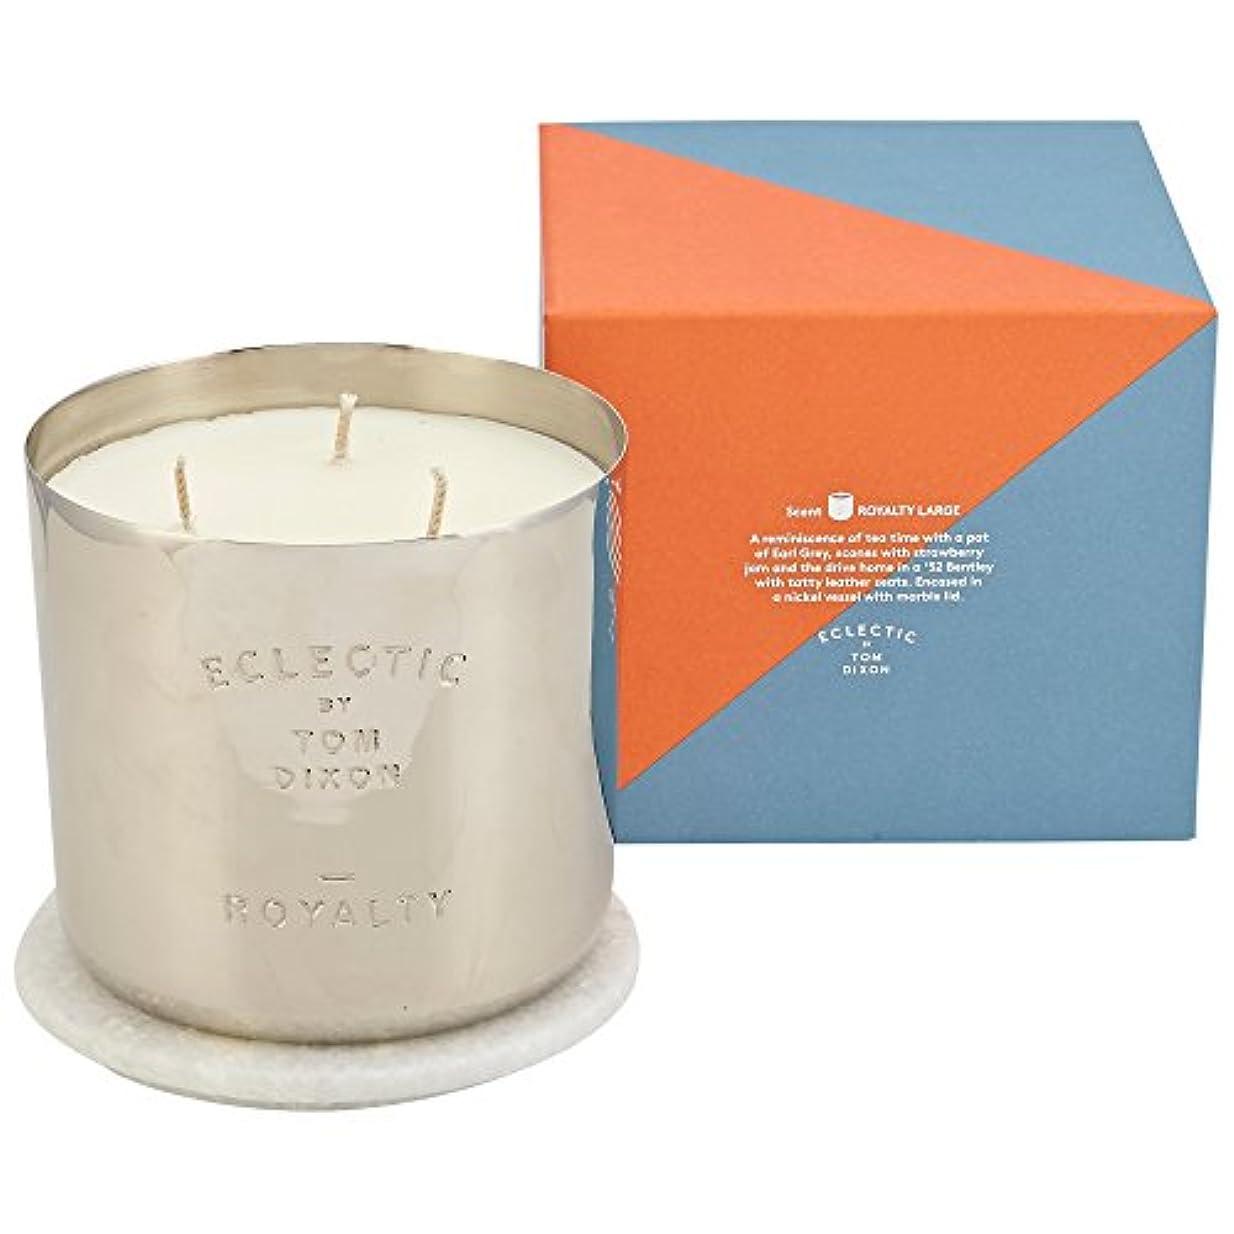 おとなしいバンドル政治家トムディクソンロイヤリティ大きな香りのキャンドル x6 - Tom Dixon Royalty Scented Candle Large (Pack of 6) [並行輸入品]